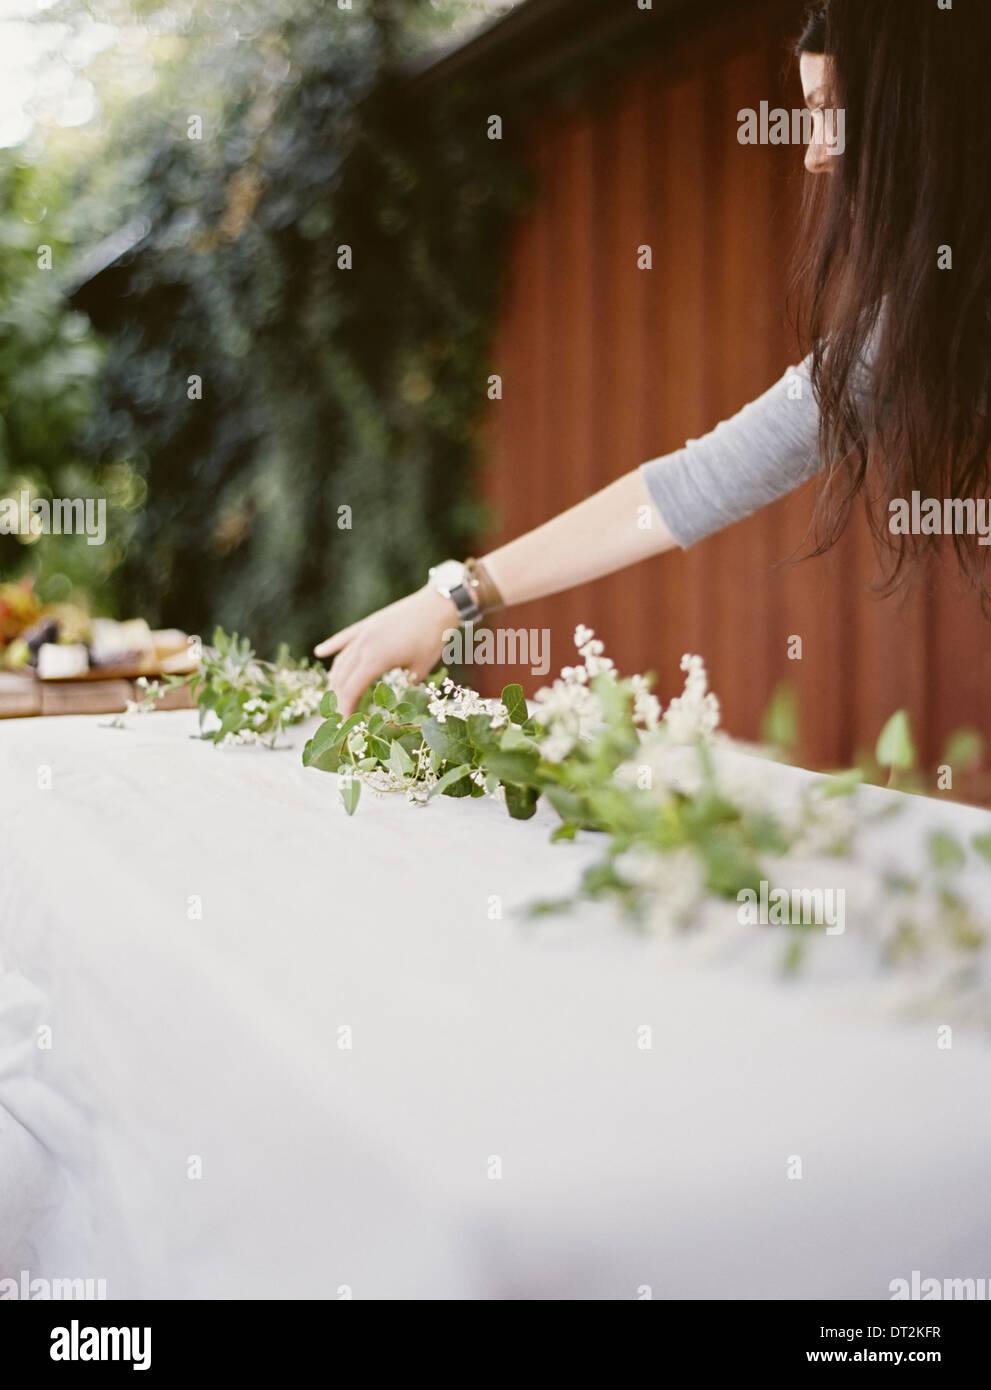 Eine Frau mit langen Haaren vom Tisch gelegt außerhalb mit einem weißen Tuch und zentrale Laub Tisch Dekoration Stockbild